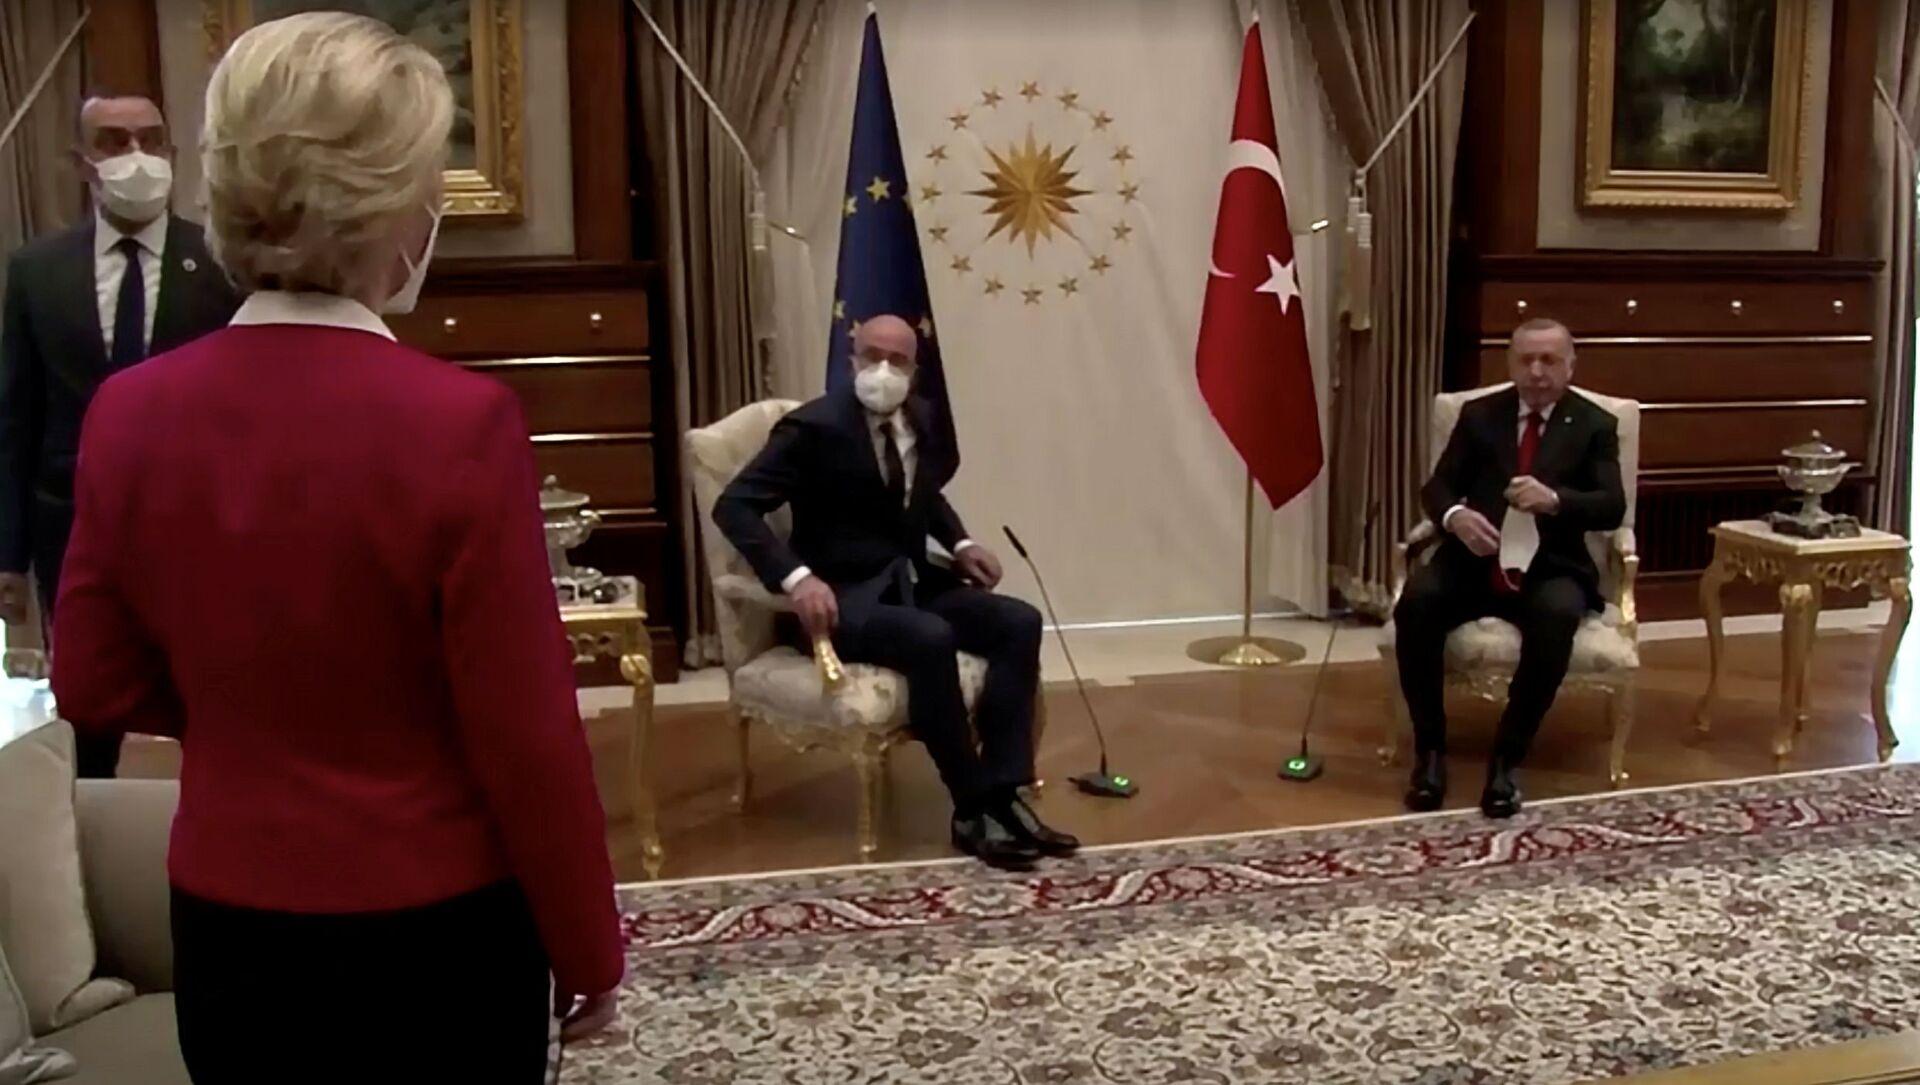 Spotkanie Recepa Tayyipa Erdogana z Ursulą von der Leyen i przewodniczącym Rady Europejskiej Charlesem Michelem w Ankarze - Sputnik Polska, 1920, 08.04.2021